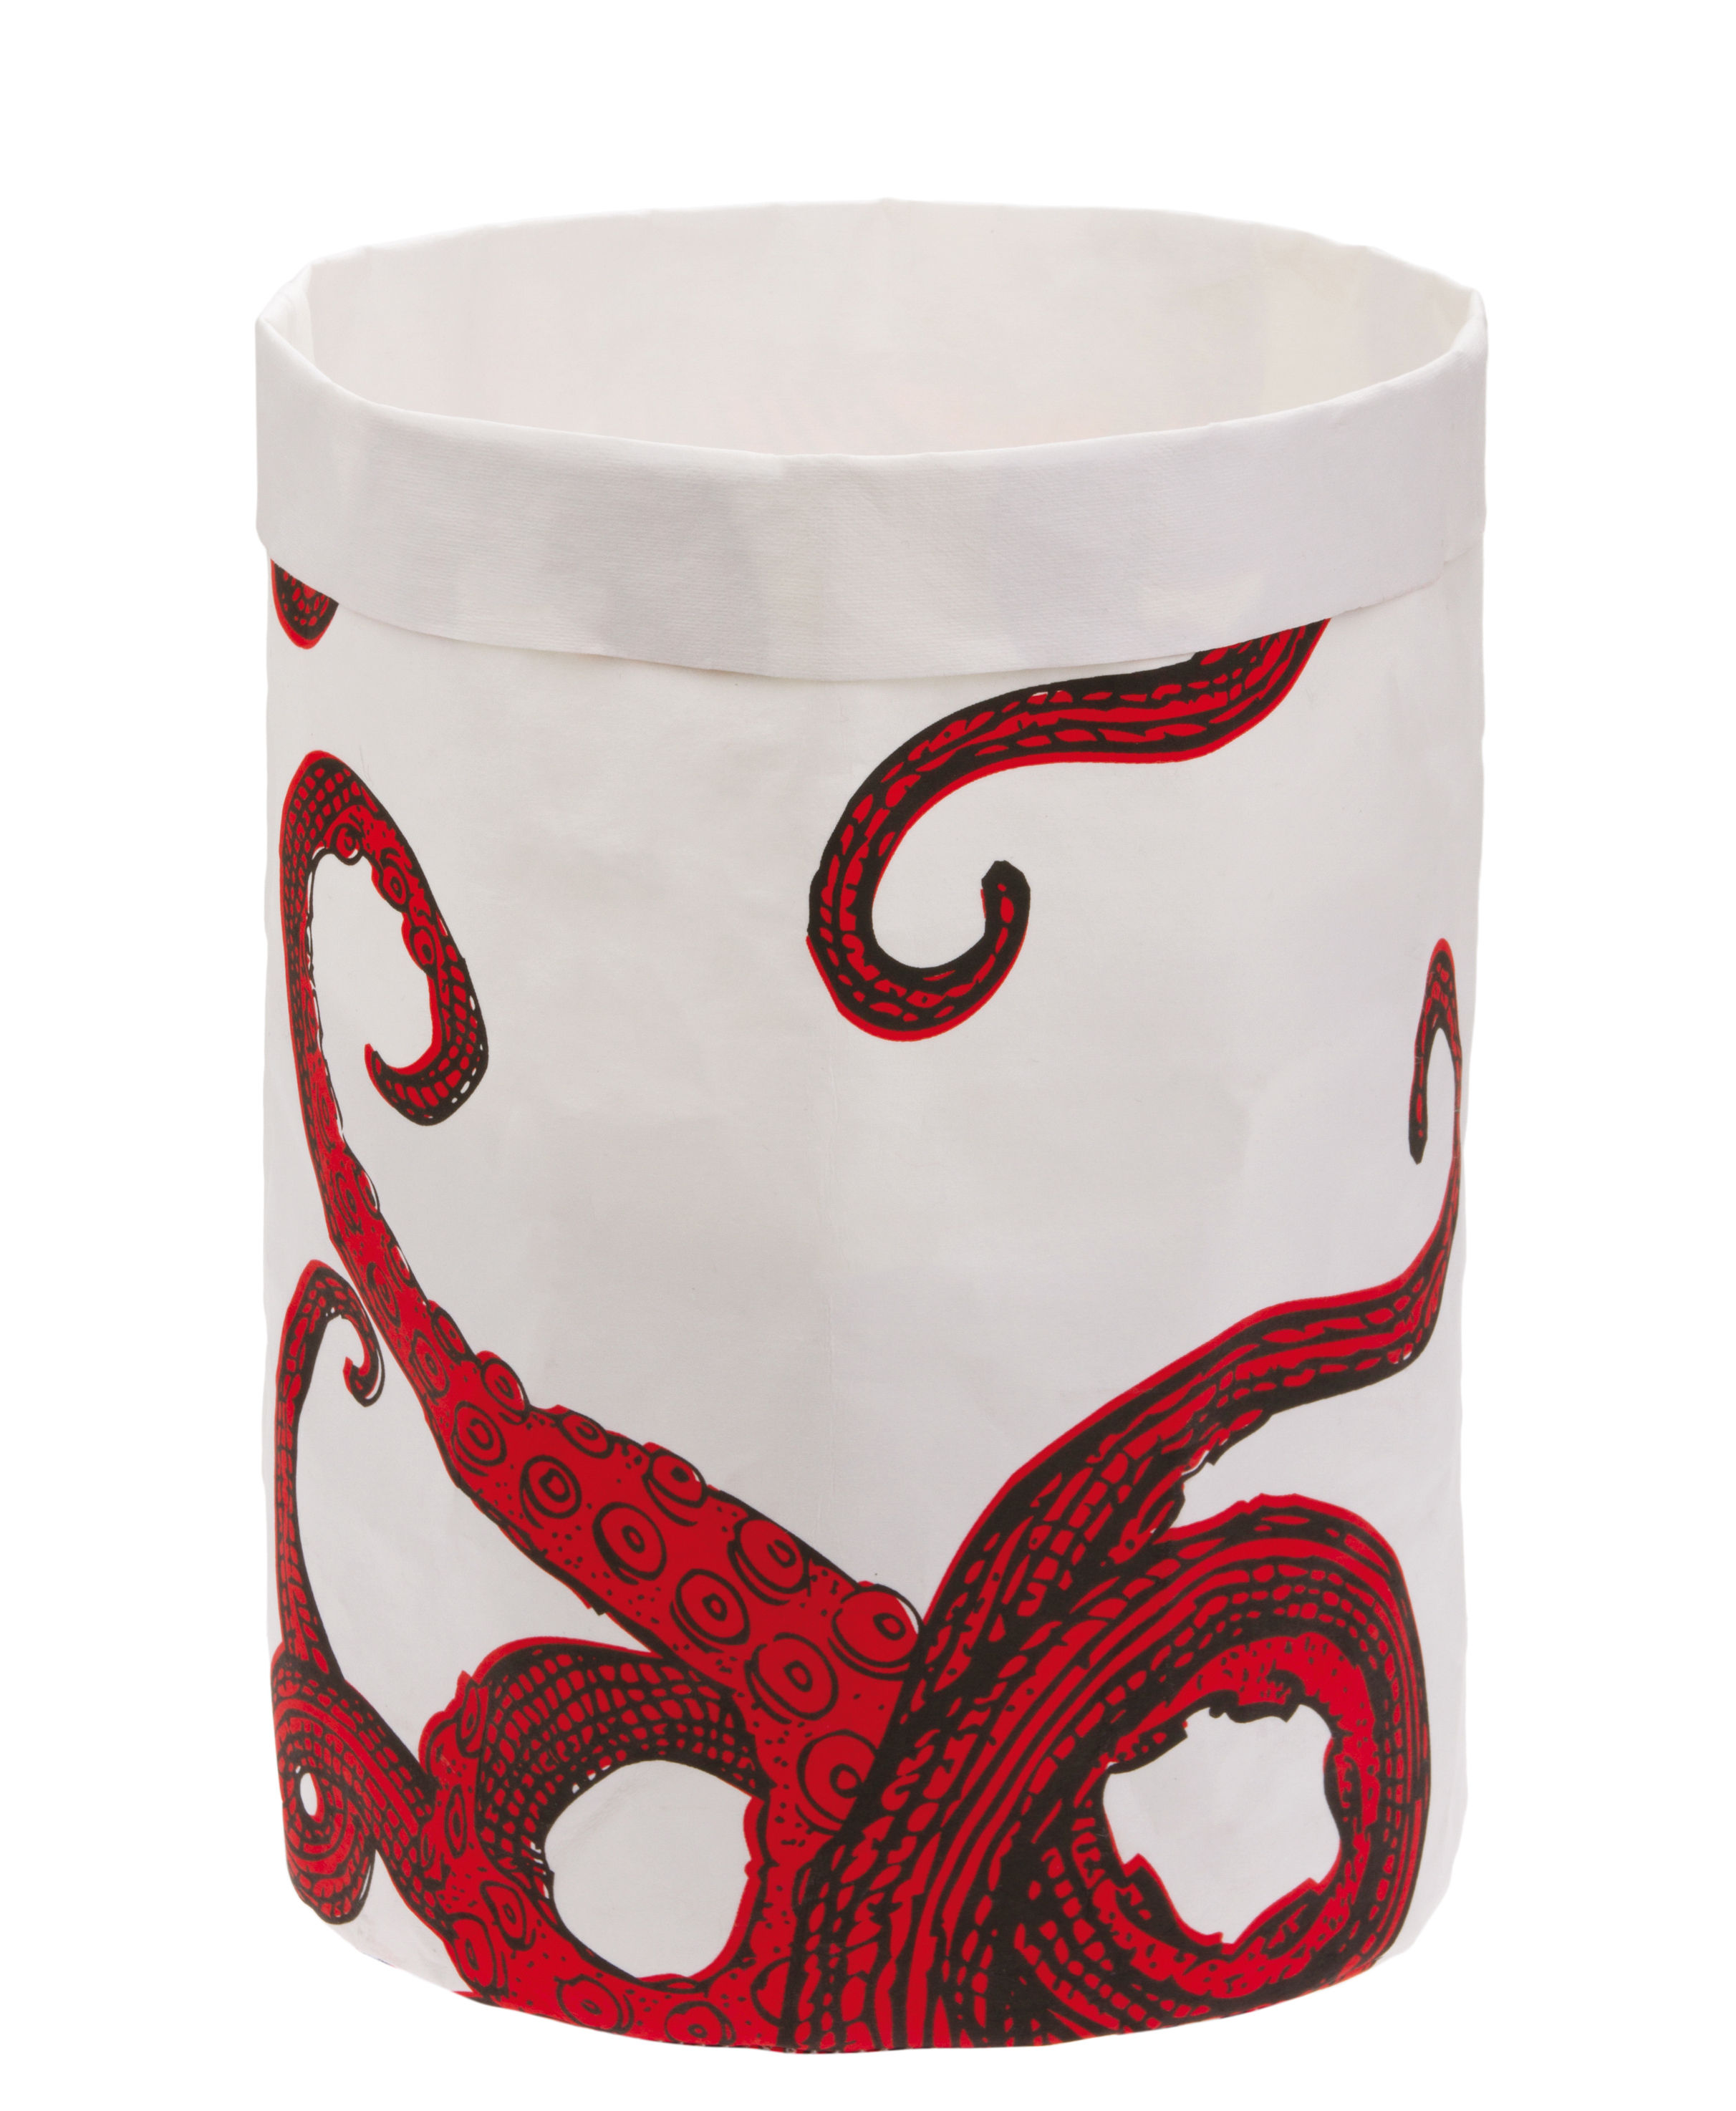 Decoration - Children's Home Accessories - Poulp'Boot Basket - Washable paper- Ø 20 x H 30 cm by Gangzaï design - Octopus - Washable kraft paper